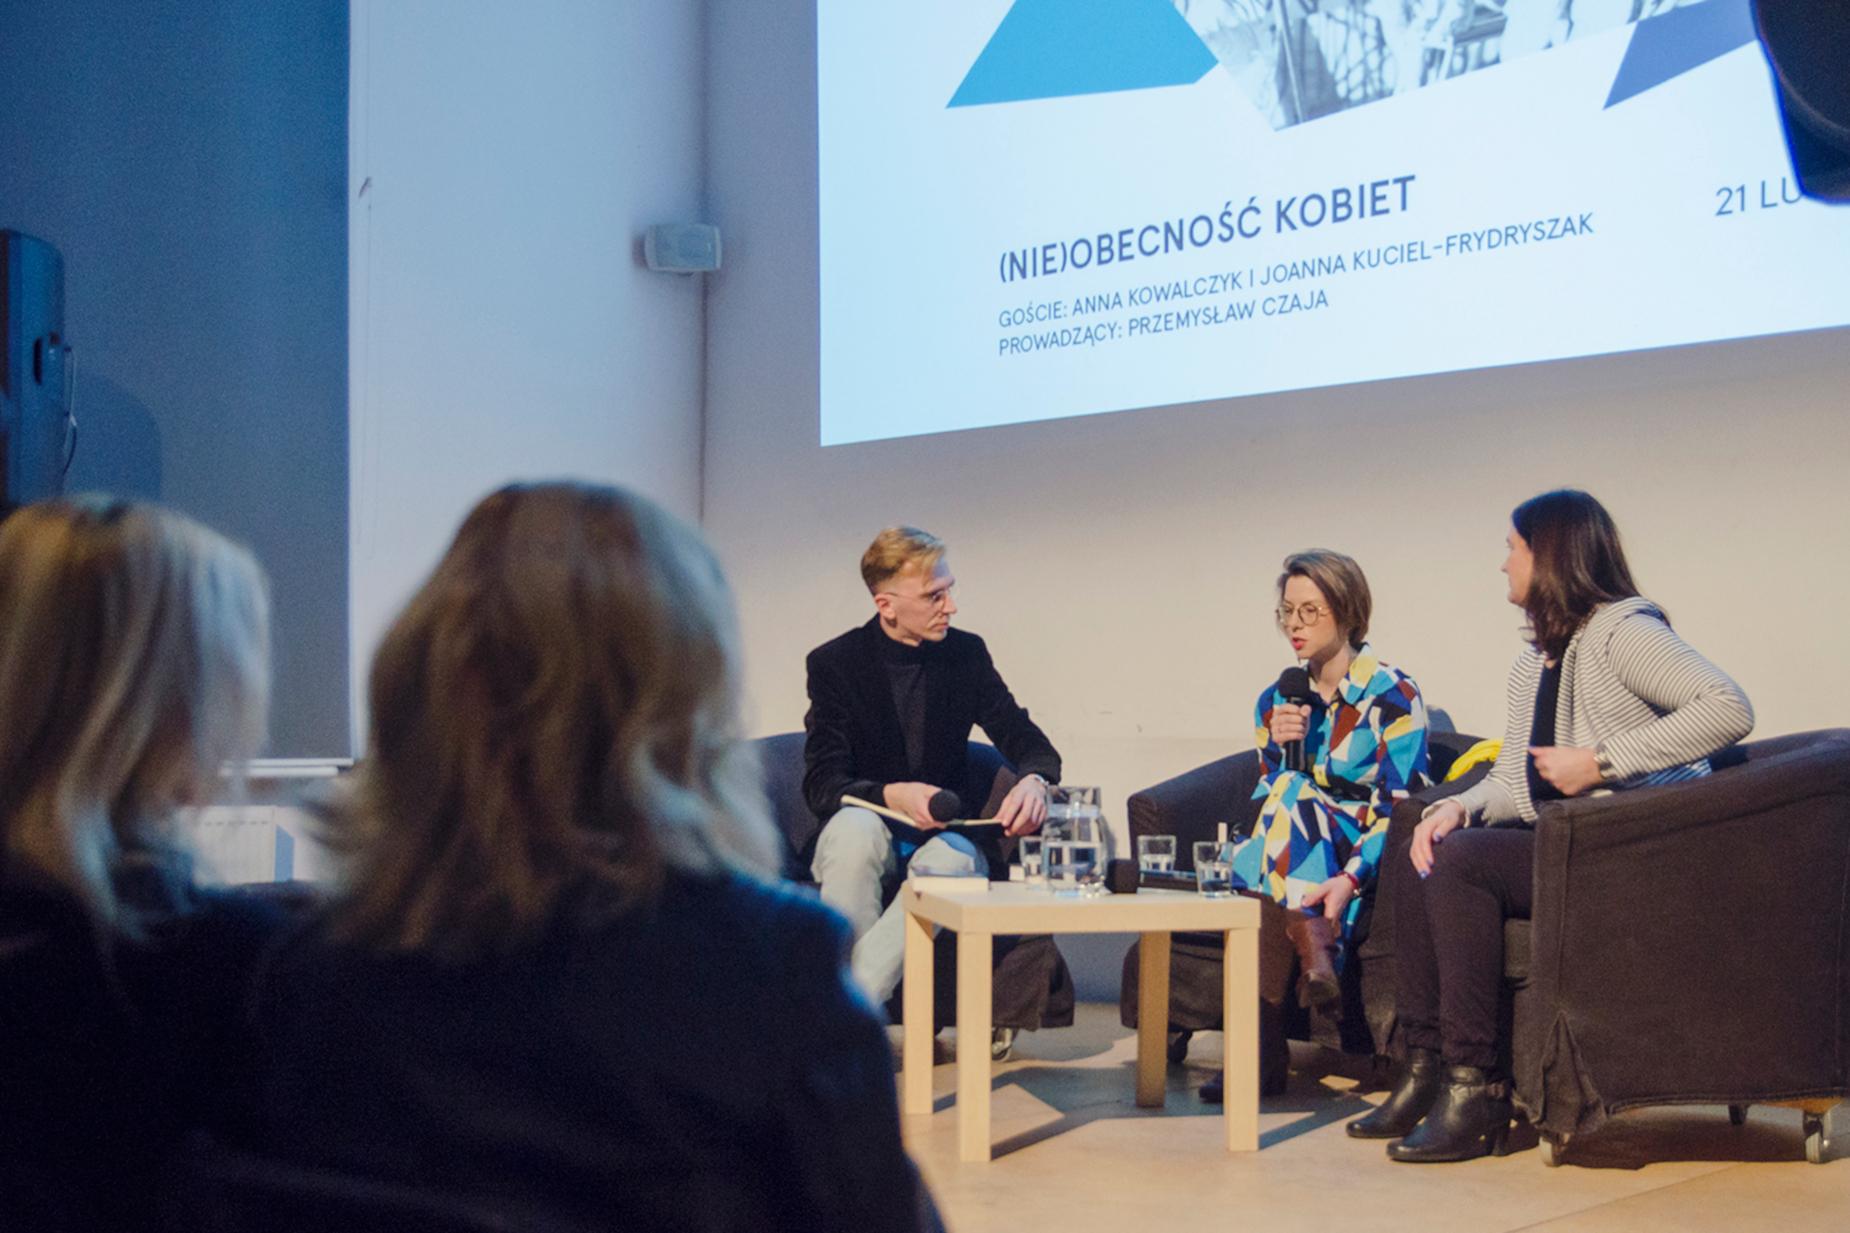 Reporterska podróż po Kaukazie. Kolejne spotkanie z cyklu IKM non-fiction